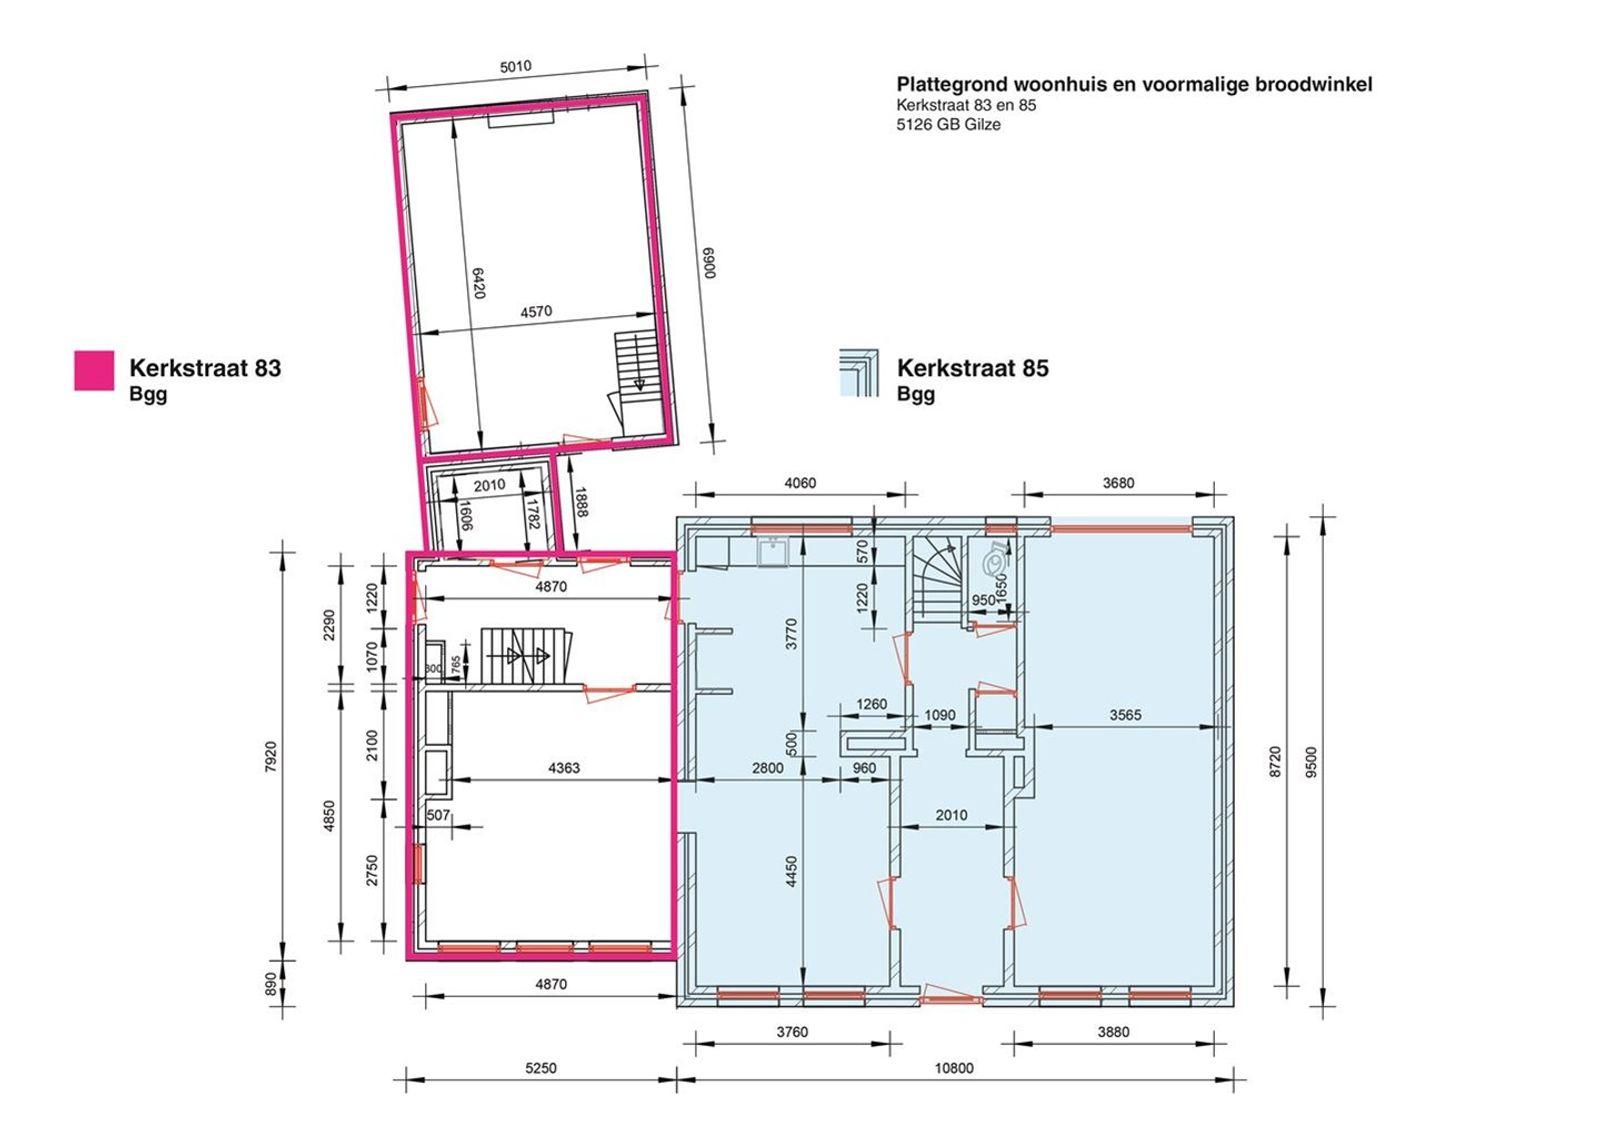 Dit zou uw unieke kans kunnen zijn, verkoper en gemeente zijn doende de Villa te splitsen tot twee woningen, de procedure is hiervoor in gang gezet. Kijk naar de plattegronden voor de mogelijkheden. Neem gerust contact met ons op voor een nadere toelichting.  Deze unieke en prachtige verschijning biedt het beste van twee werelden. Enerzijds strategisch gelegen tussen Breda en Tilburg (15! autominuten) en anderzijds stijlvol wonen in het dorpscentrum, met volledige rust en privacy.    Het pand is volledig gerenoveerd, waarbij alle elementen van het huis zoveel mogelijk in authentieke, nostalgische stijl zijn behouden. Iedere ruimte heeft een warme uitstraling met een eigen karakter. Knus, terwijl de kamers toch echt niet klein zijn. Door de aanwezigheid van de verschillende ruimten biedt dit huis tal van mogelijkheden. Zo kan de imposante zolder bijvoorbeeld worden gebruikt als een atelier/kantoorruimte, maar ook als prachtige extra leefruimte. Sowieso is het een ideaal familiehuis, waar echt in -geleefd- kan worden. Met aan de overkant de basisschool, de bibliotheek, cultureel centrum De Schakel en elke dag vers brood van de naburige bakker.    De oprit met carport wordt afgesloten met een houten poort. Achter deze poort verschuilt zich nog een vrijstaand huisje dat uitermate geschikt is voor een hobby- en/of klusliefhebber. In de groenrijke en volledig ommuurde achtertuin kunt u in alle rust en ruimte heerlijk genieten!   Glas-in-lood, ornamenten, authentieke tegelvloeren en heel veel leefruimten- Dit huis verdient een eigenaar die met volle teugen wil genieten van deze sfeer.  Deze woning is ook bijzonder geschikt voor paardenliefhebbers. Je rijdt de straat uit en daar begint het buitengebied en de eindeloze Chaamse bossen. De huidige bewoners hebben ruim 13 jaar met veel plezier hun paarden in en om dit huis gehad. Er zijn tal van goede pensionmogelijkheden in de nabije omgeving met perfect uitrij-gebied. Ook zijn er goede mogelijkheden tot weidehuur.   DUBBELE B